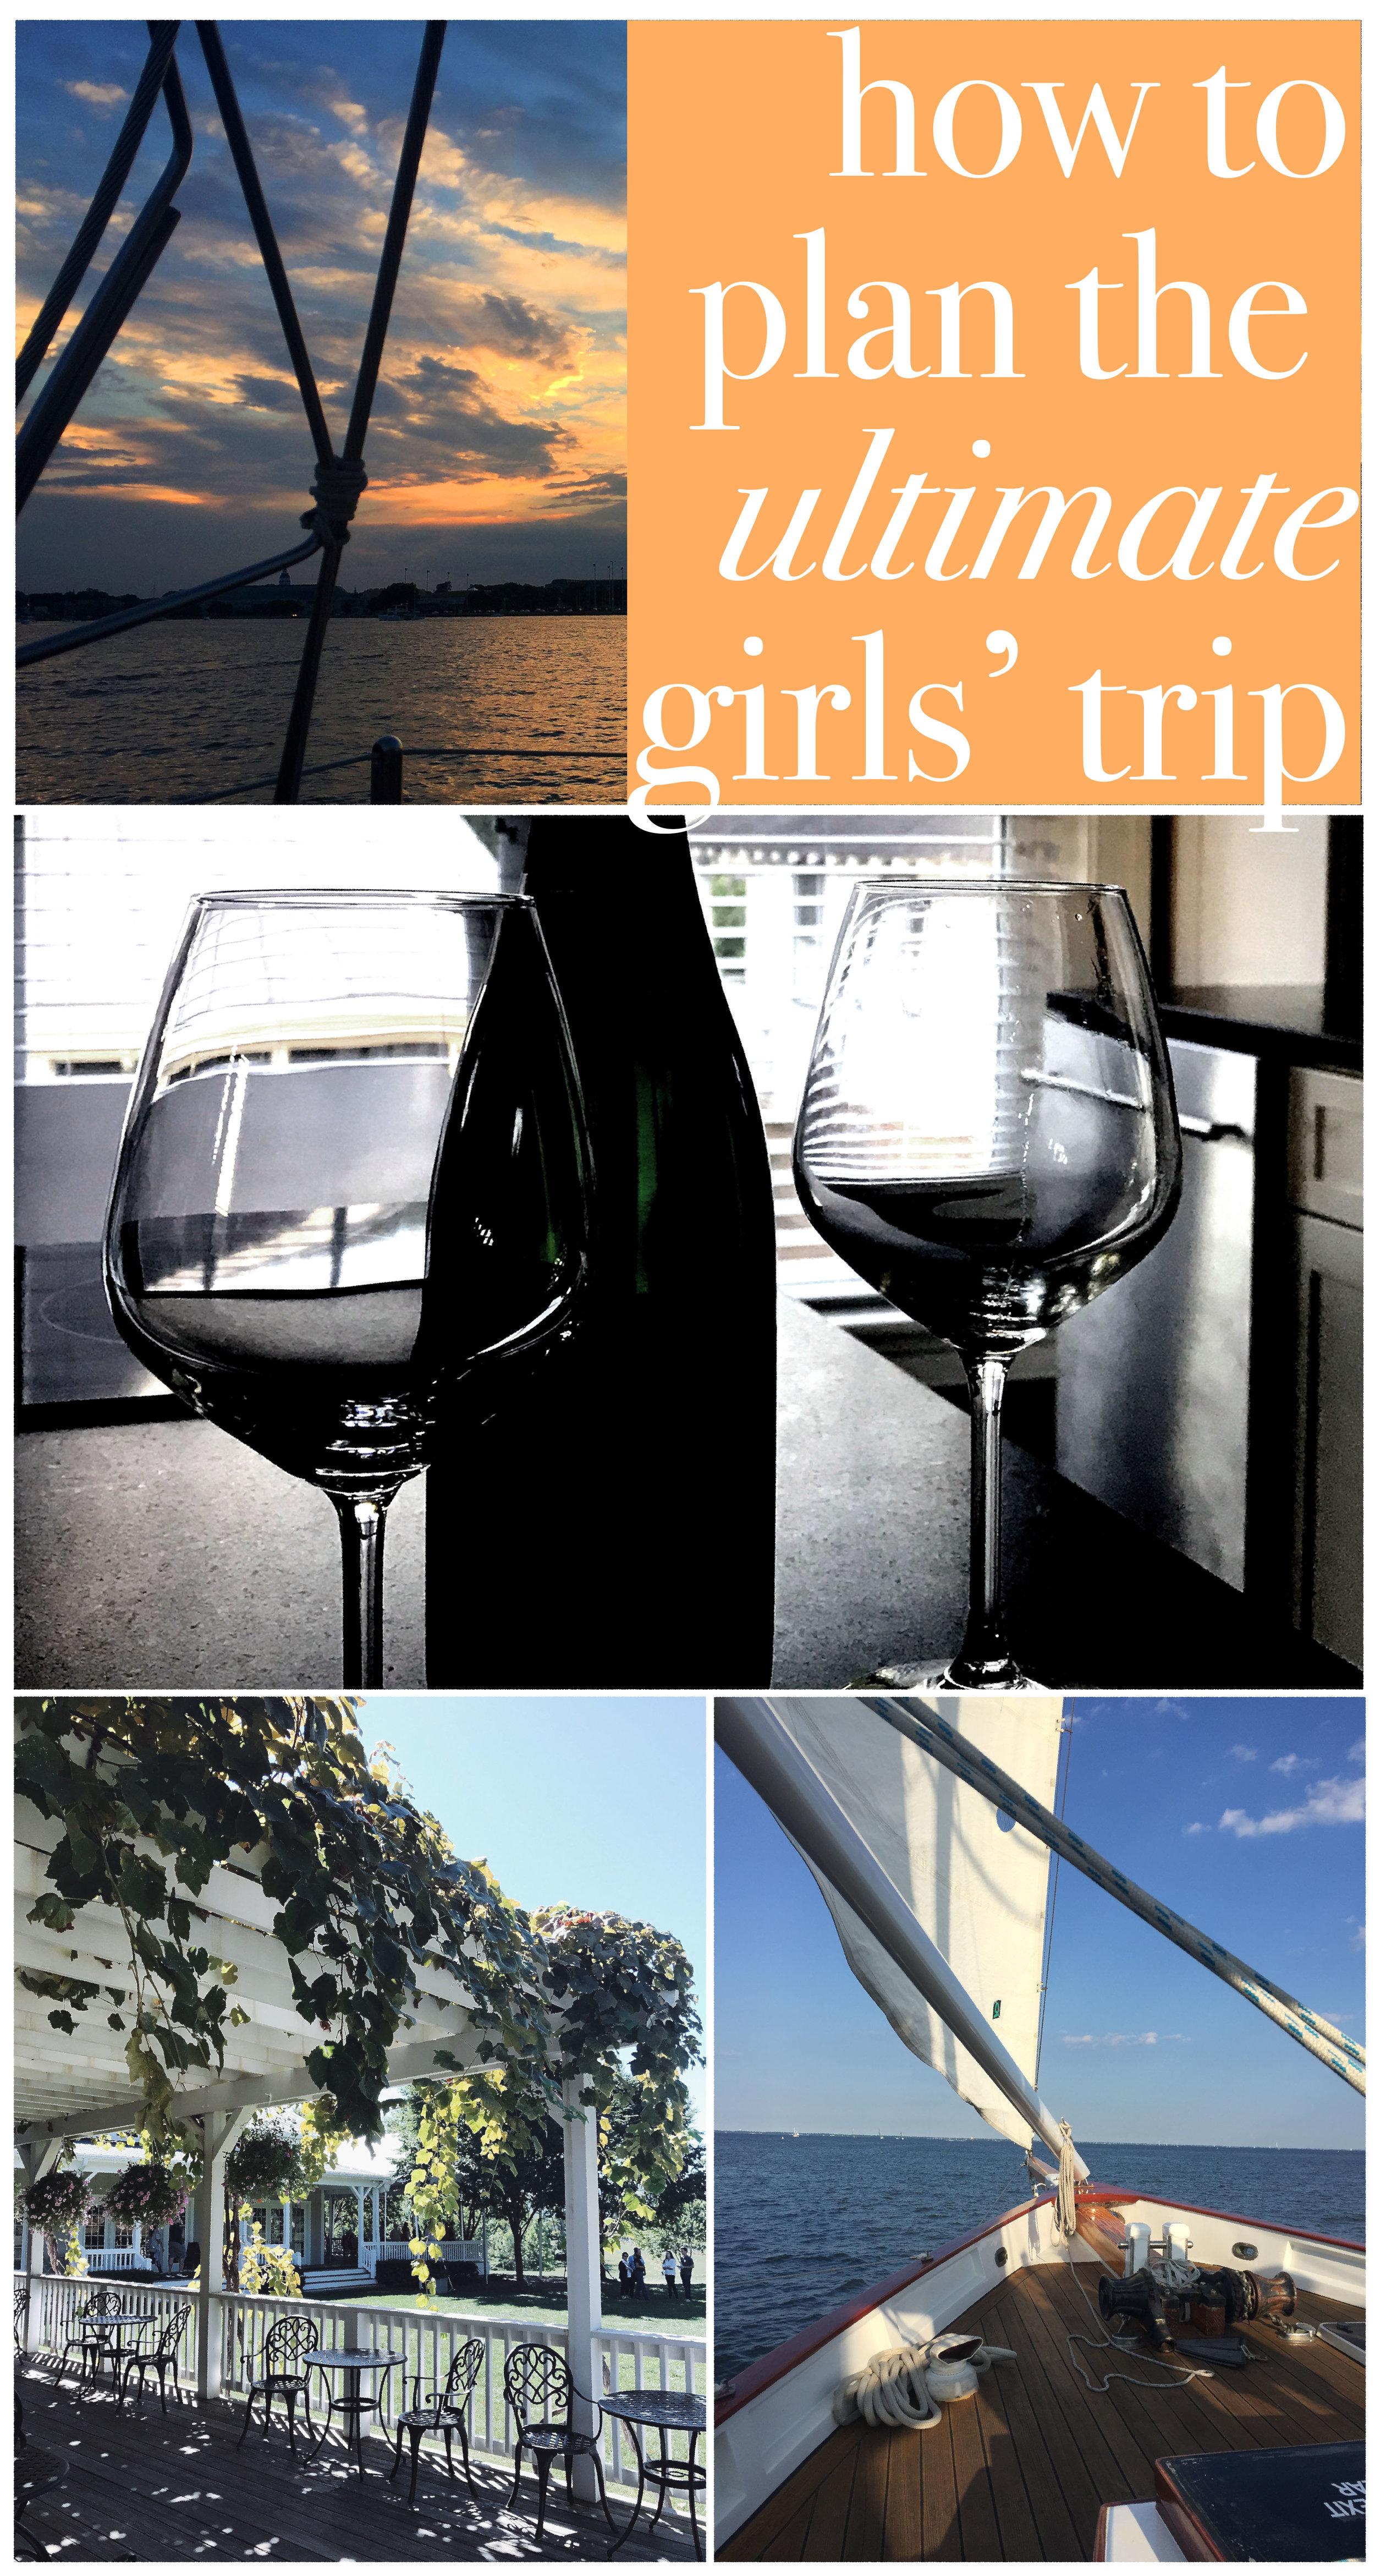 Ultimate Girls' Trip.jpg